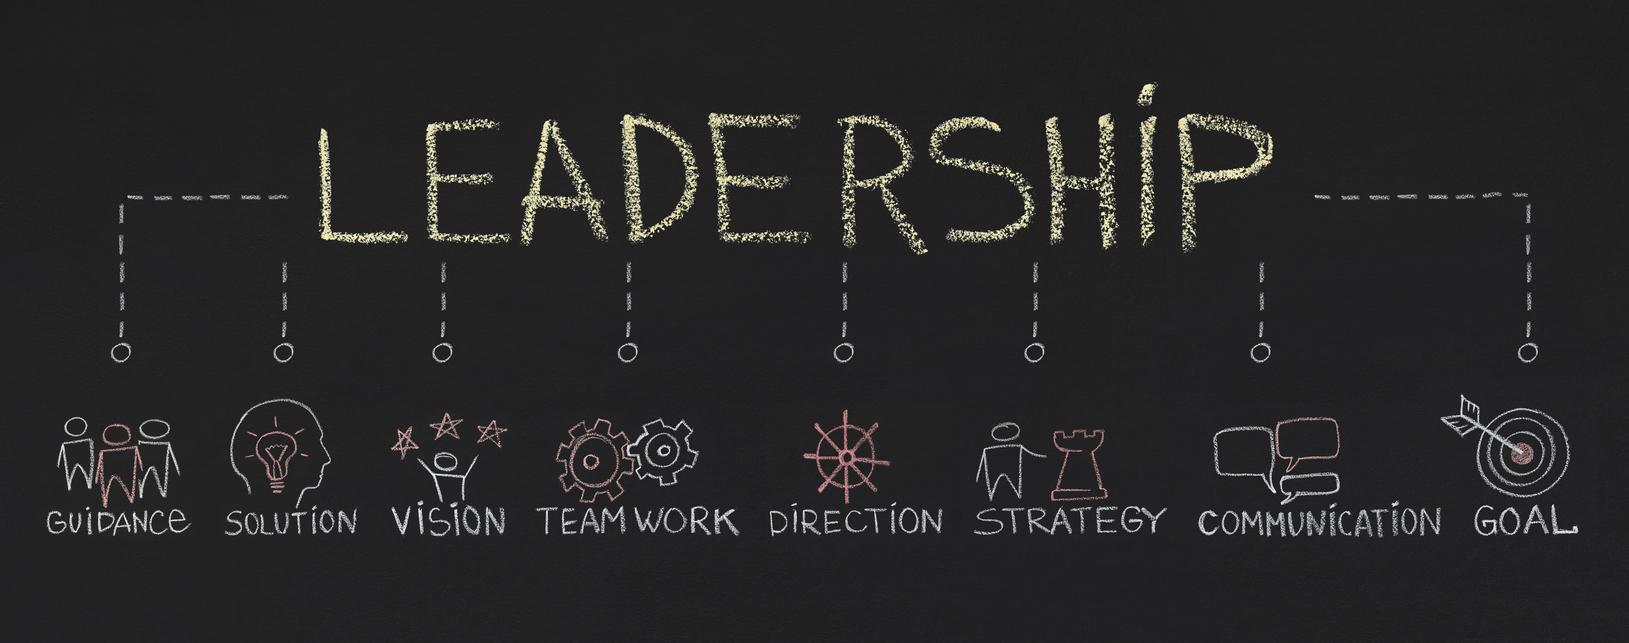 6 Vital Leadership Skills You Need to Master Fast